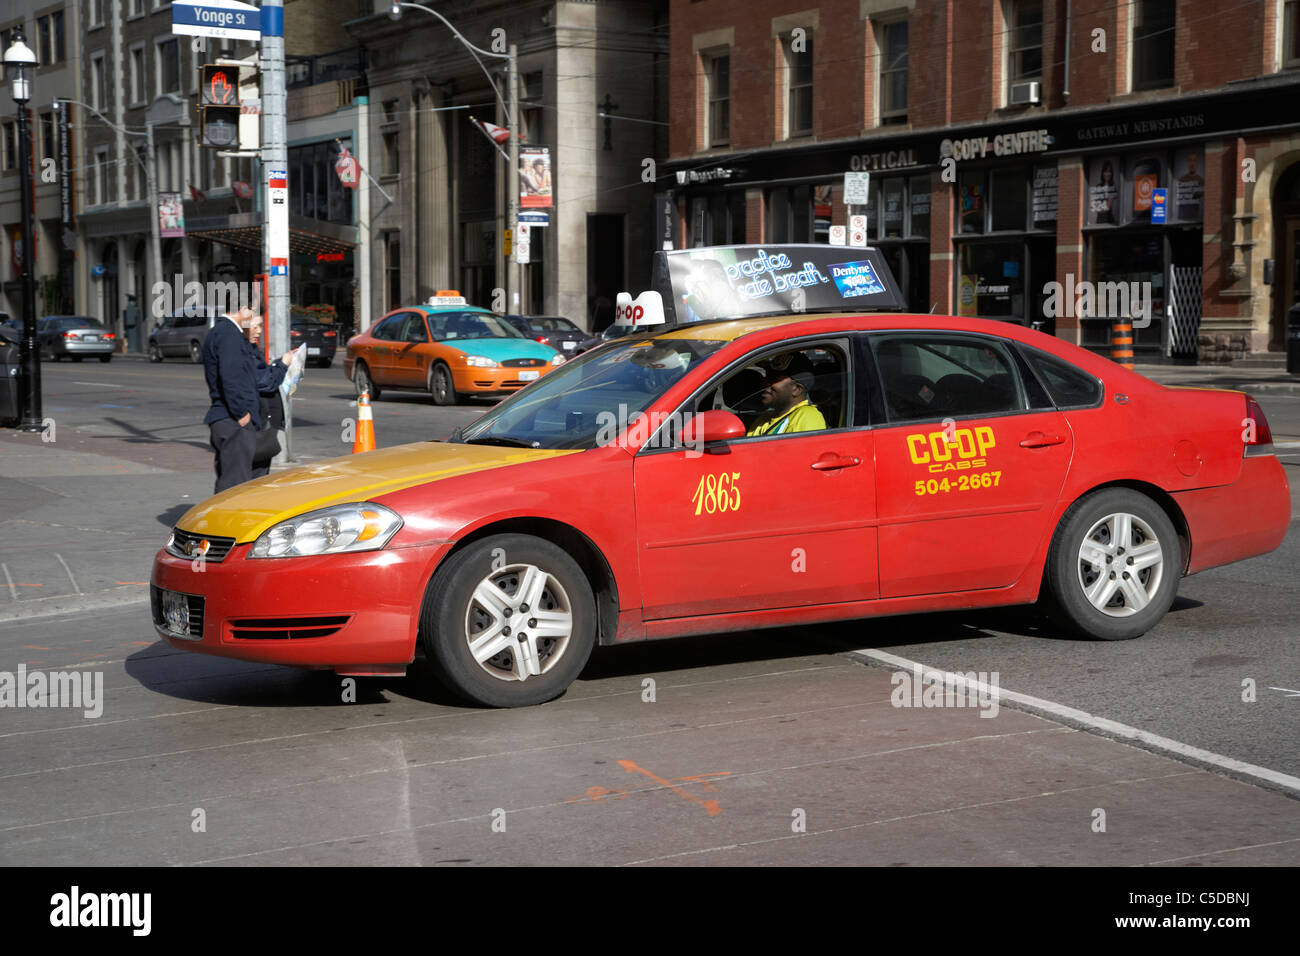 Co op city cab